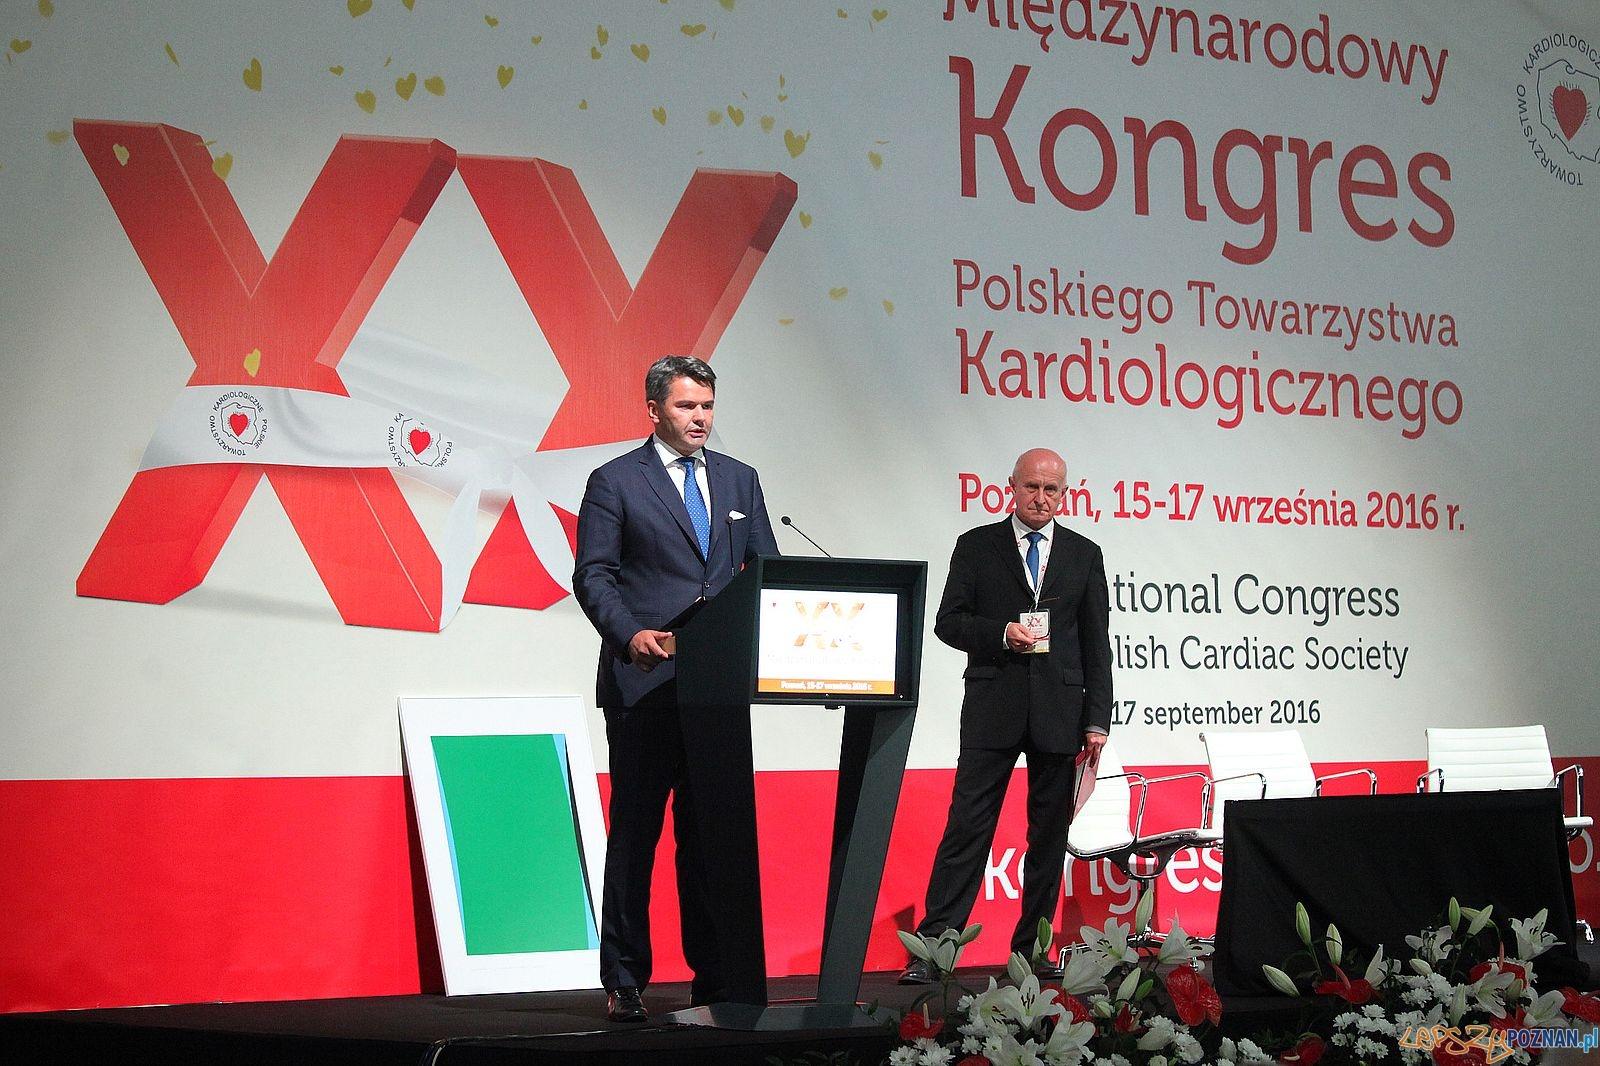 Międzynarodowy Kongres Kardiologiczny w Poznaniu  Foto: materiały prasowe